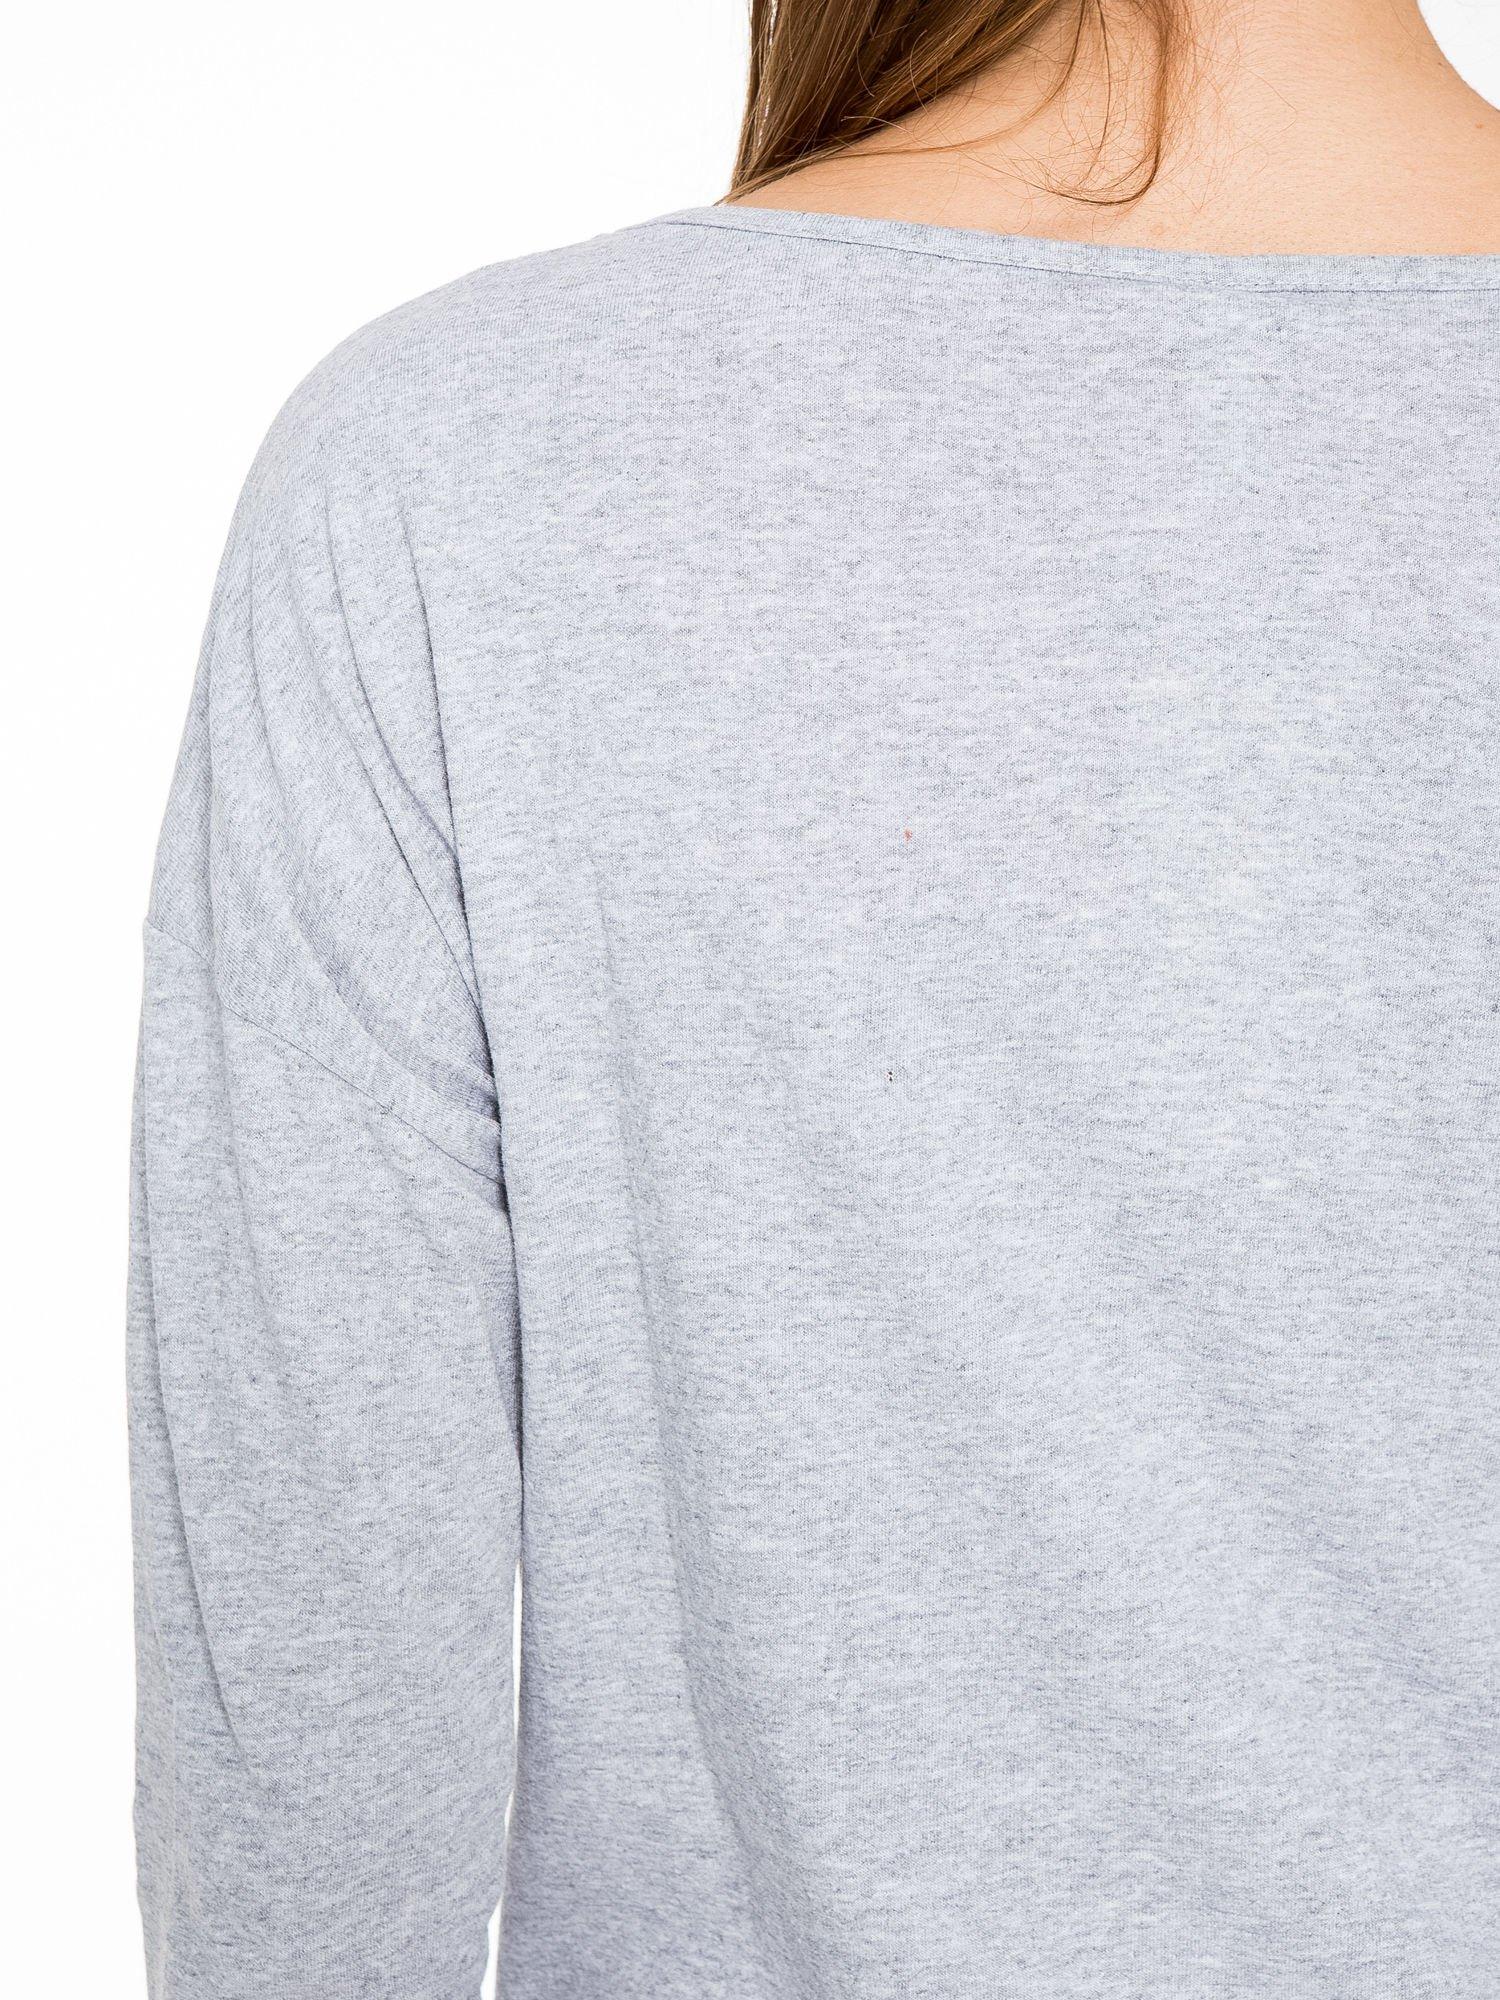 Szara bluzka z nadrukiem wilka i brokatowym napisem WOLF                                  zdj.                                  8